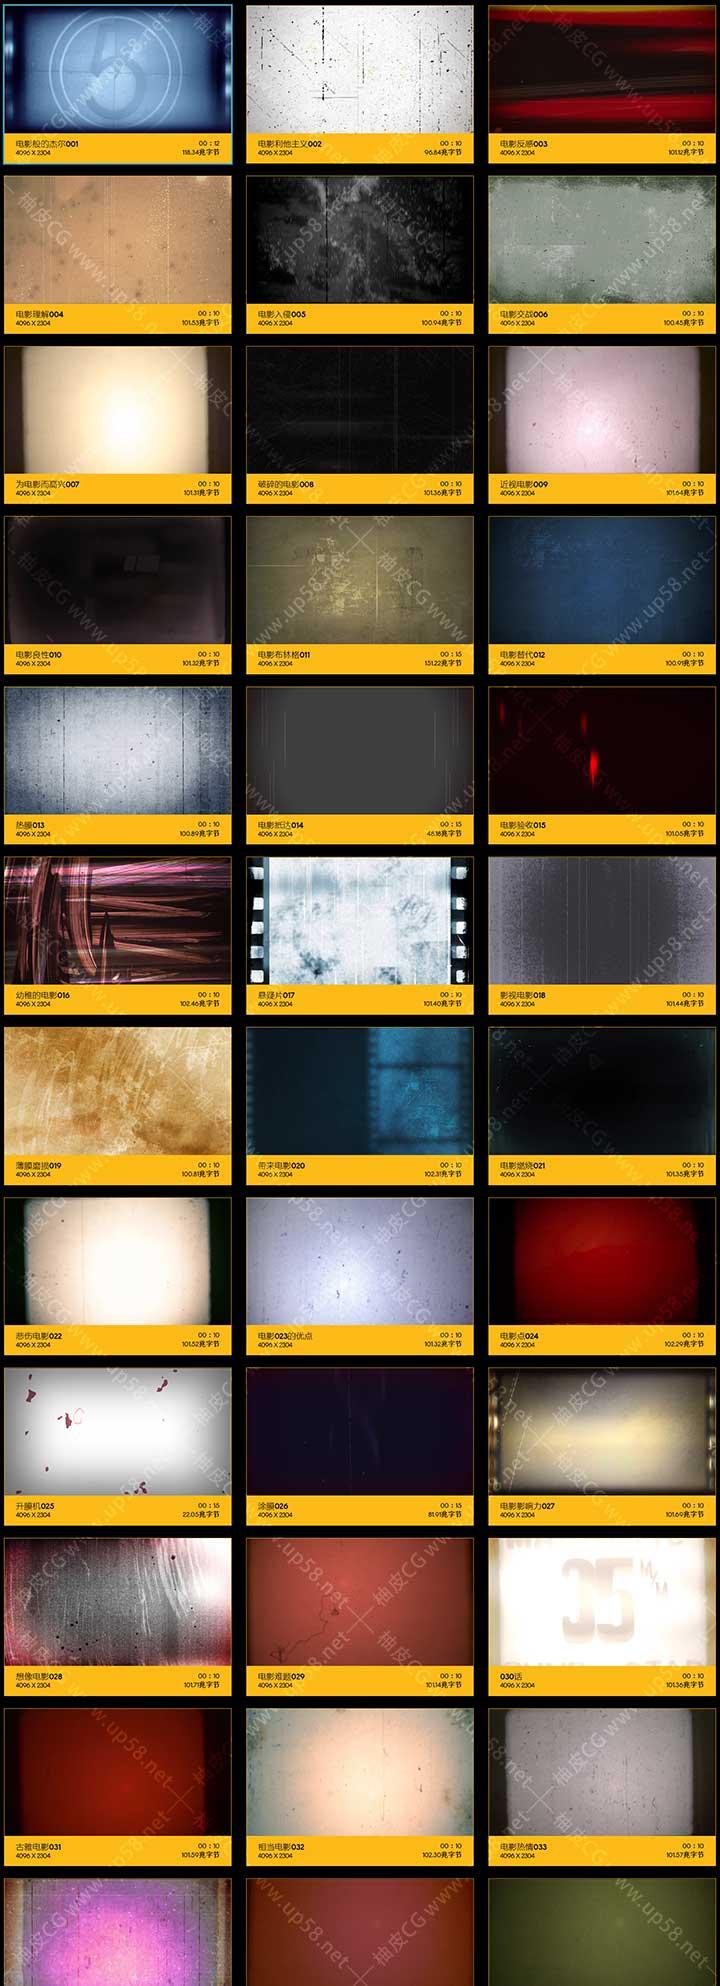 209组老旧复古胶片划痕噪点杂波抖动4K高清镜头叠加视频素材